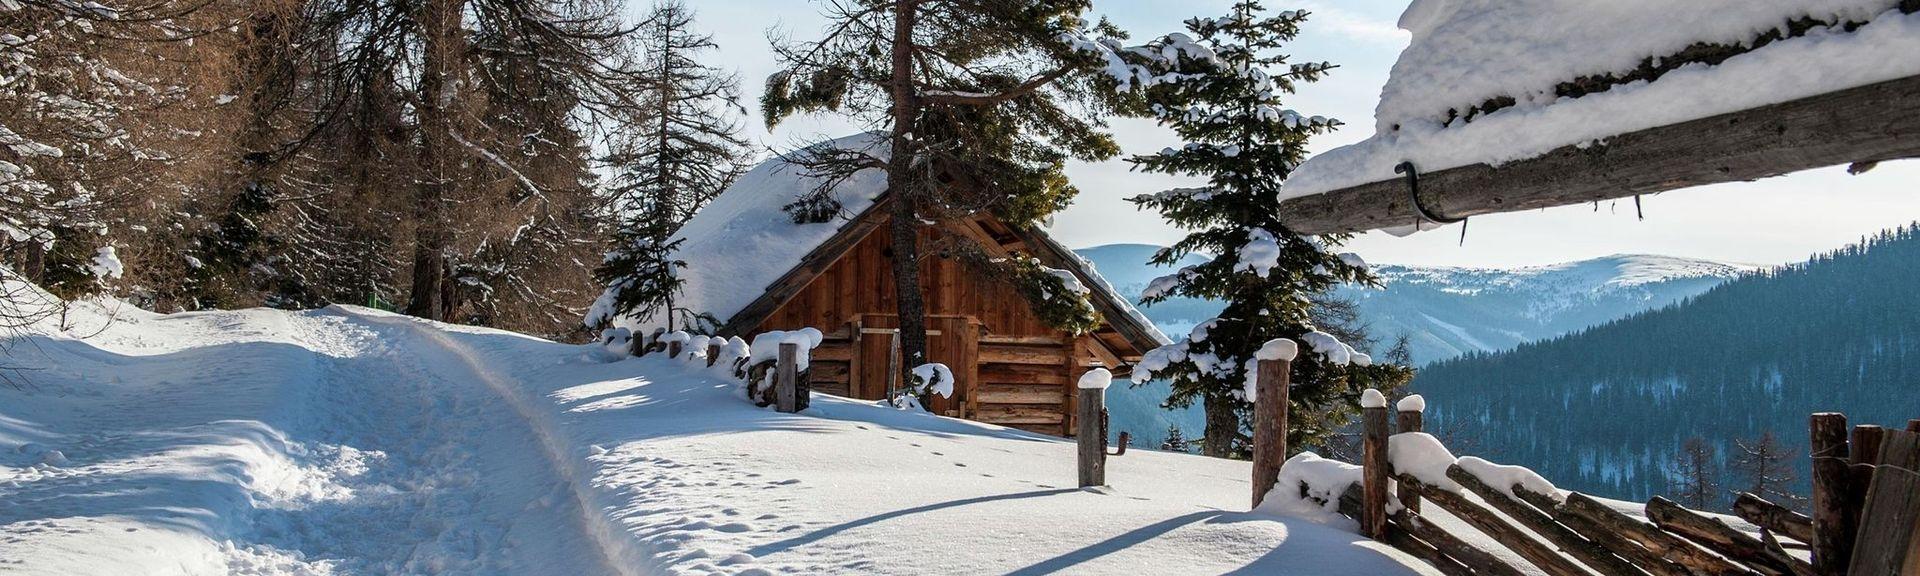 Sankt Georgen am Kreischberg, Styria, Austria